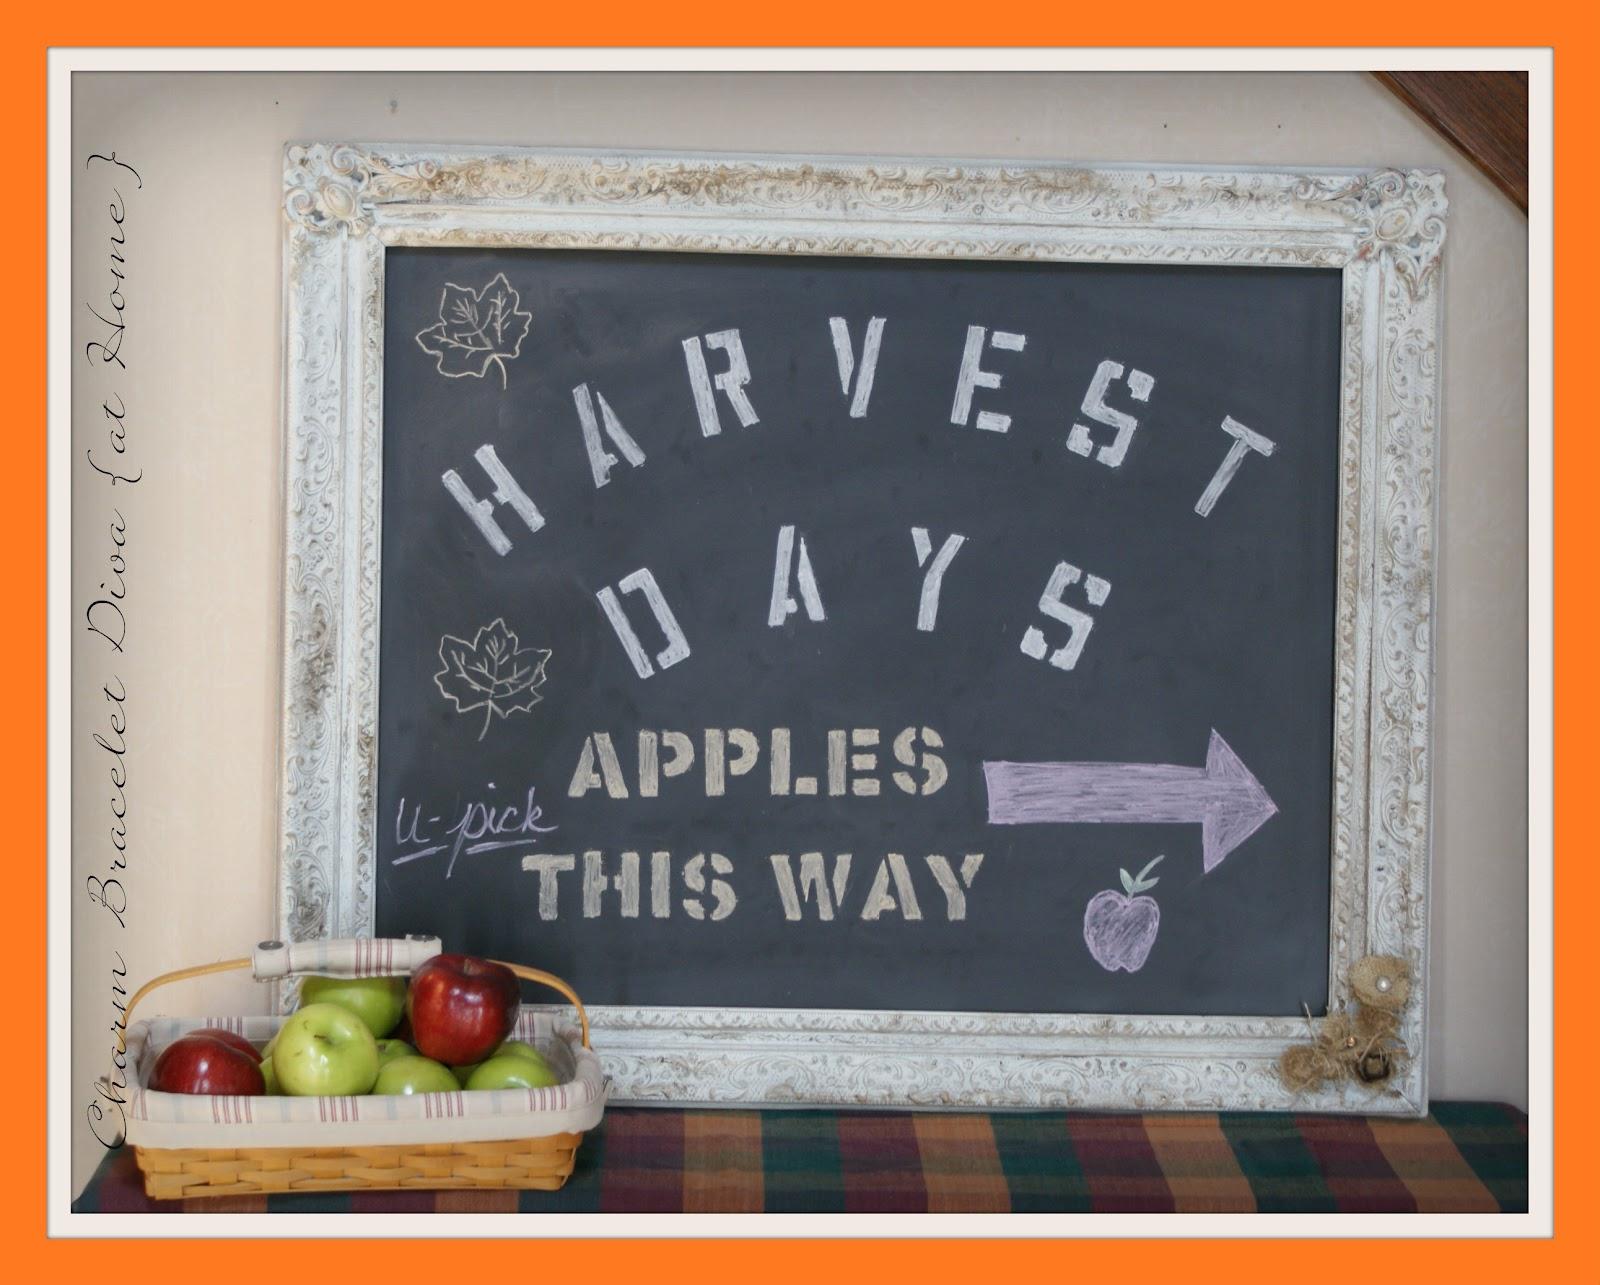 Our Hopeful Home: Vintage Frame and Plexiglass DIY Chalkboard